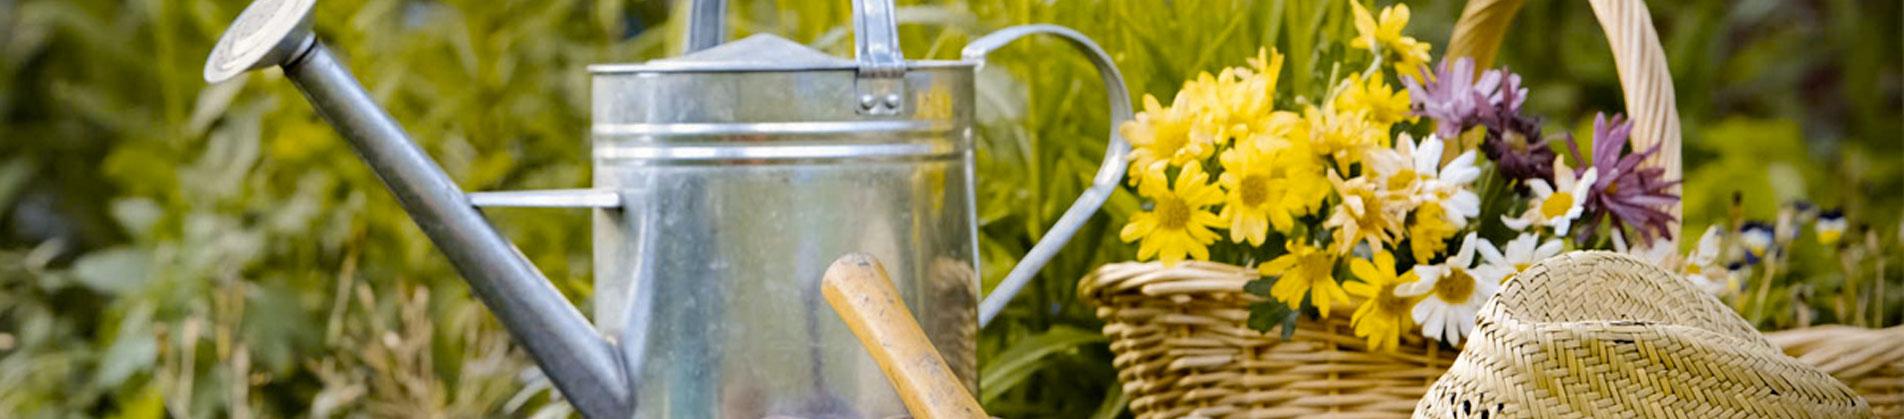 Giardiniere esperto da oltre trentanni